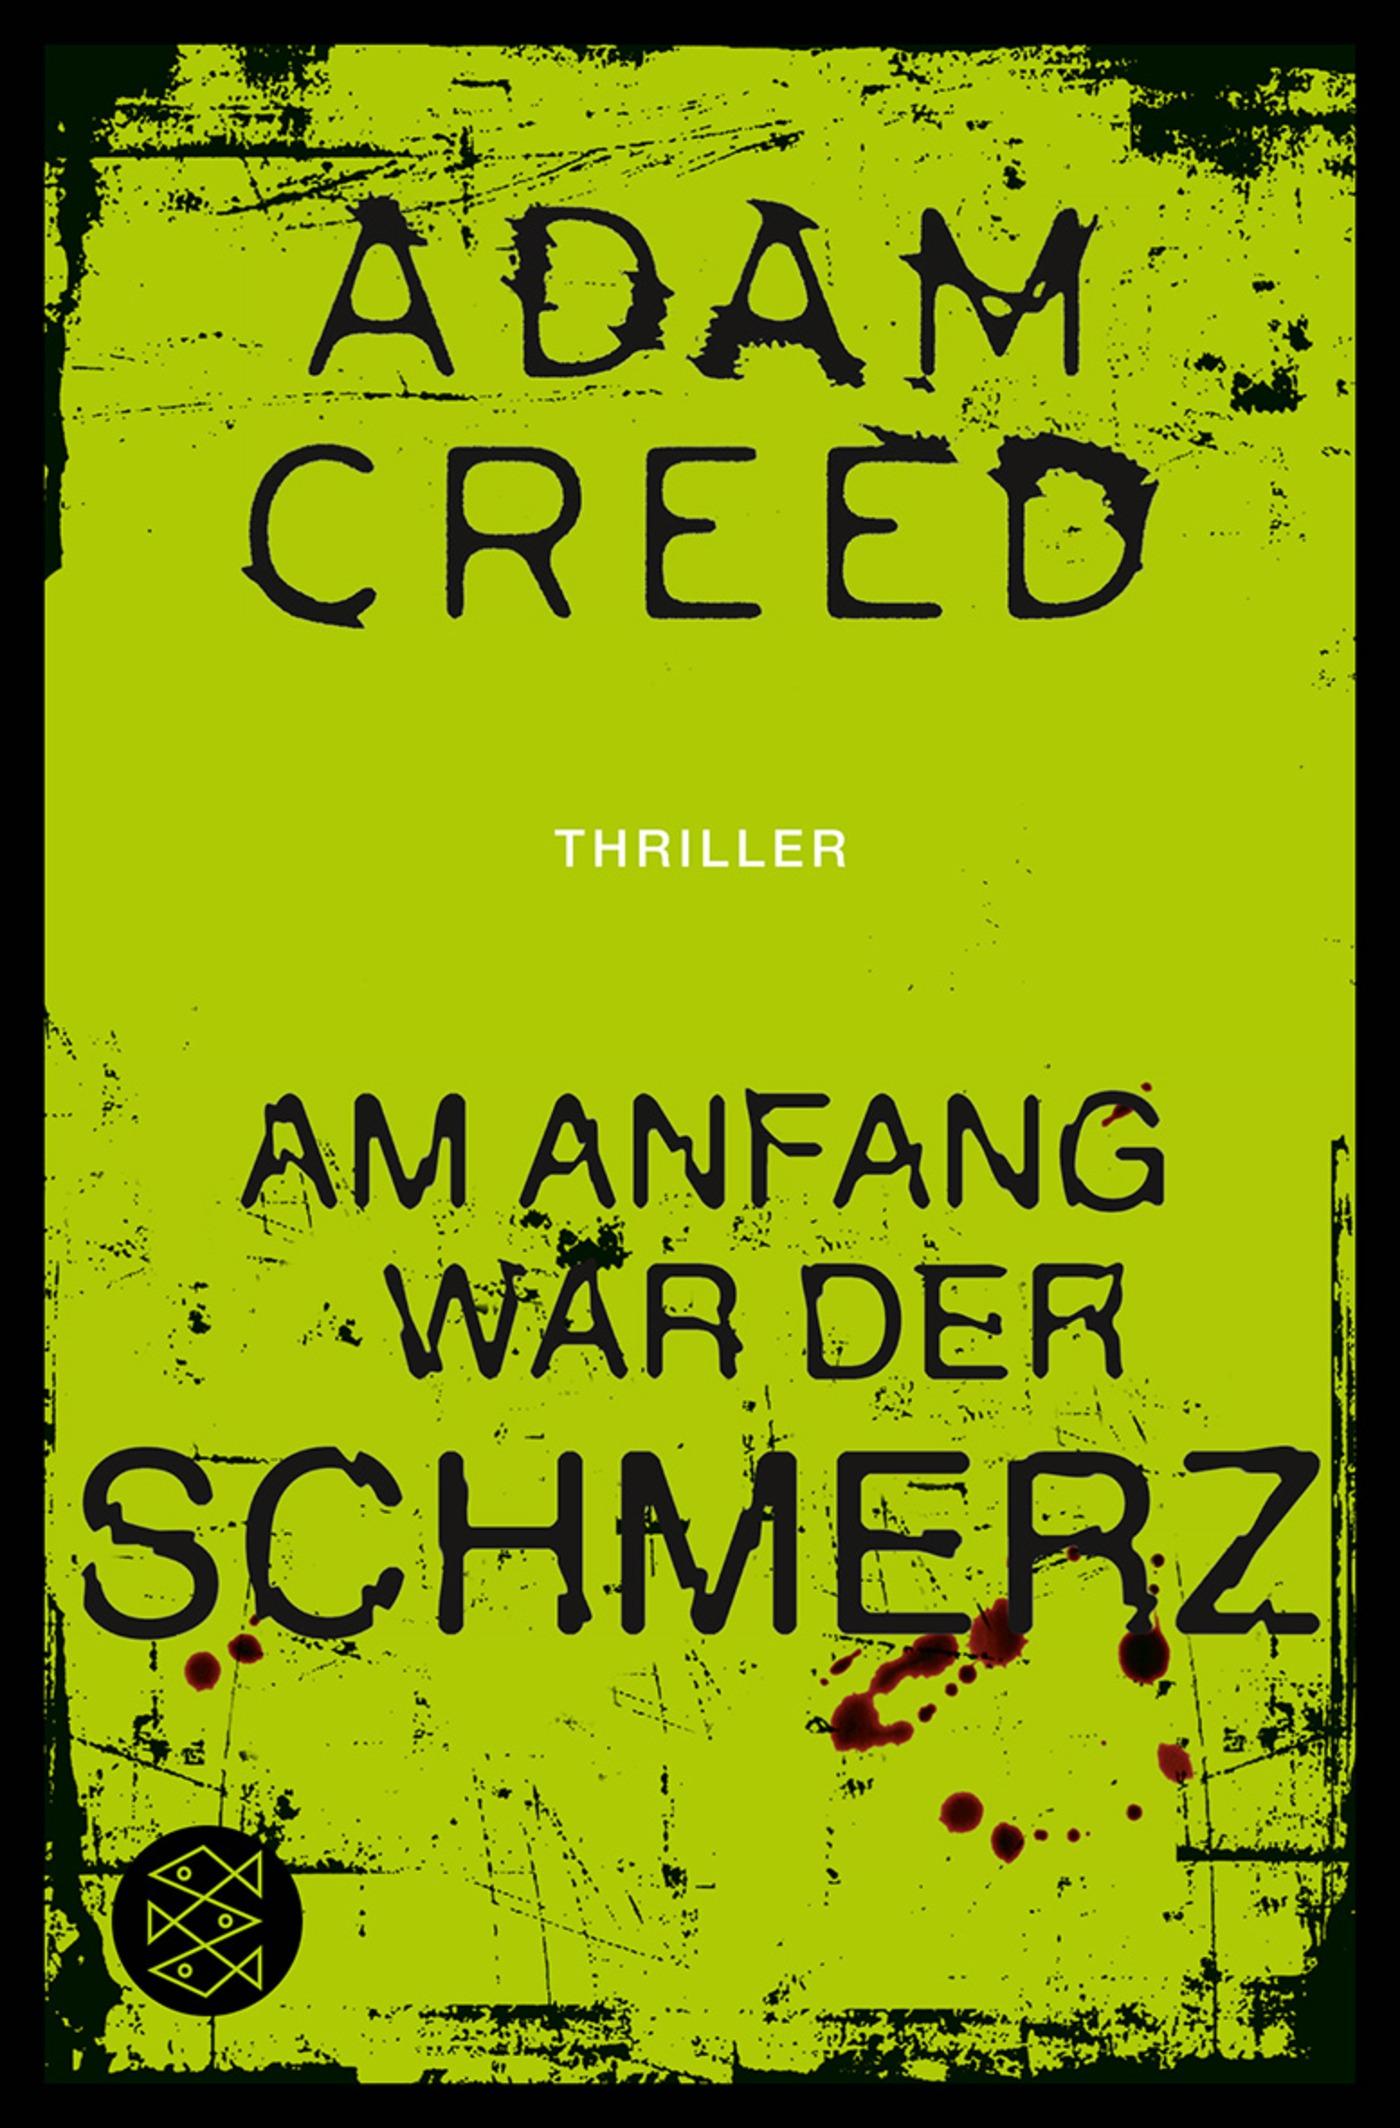 Am Anfang war der Schmerz, Adam Creed